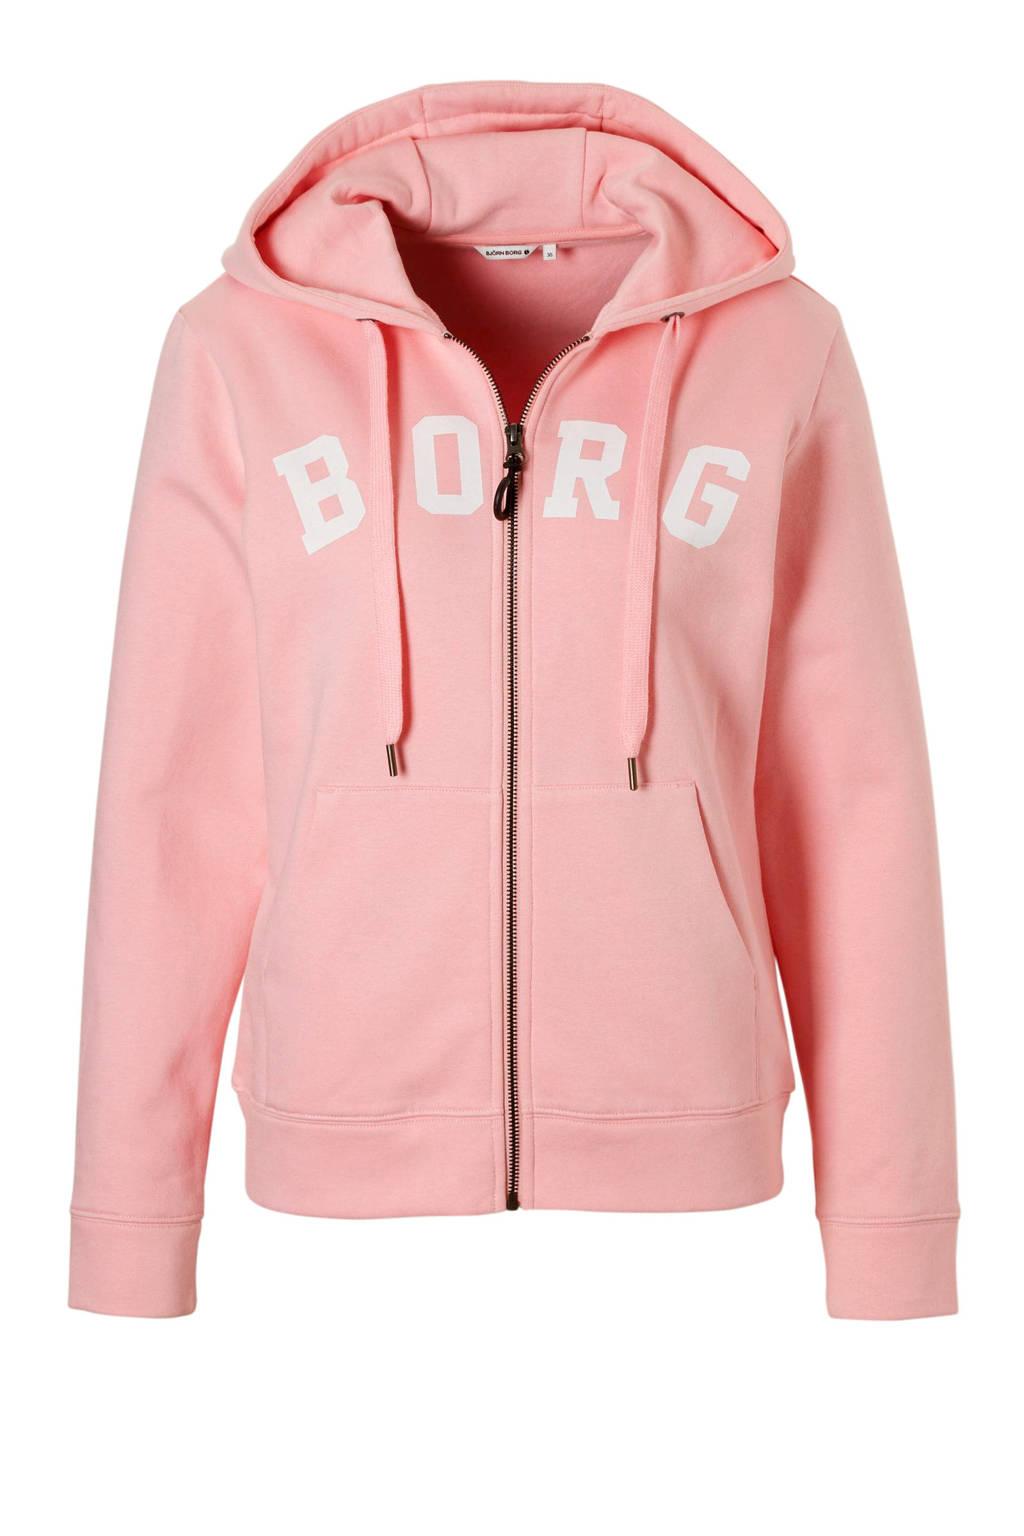 Björn Borg sportvest roze, Roze